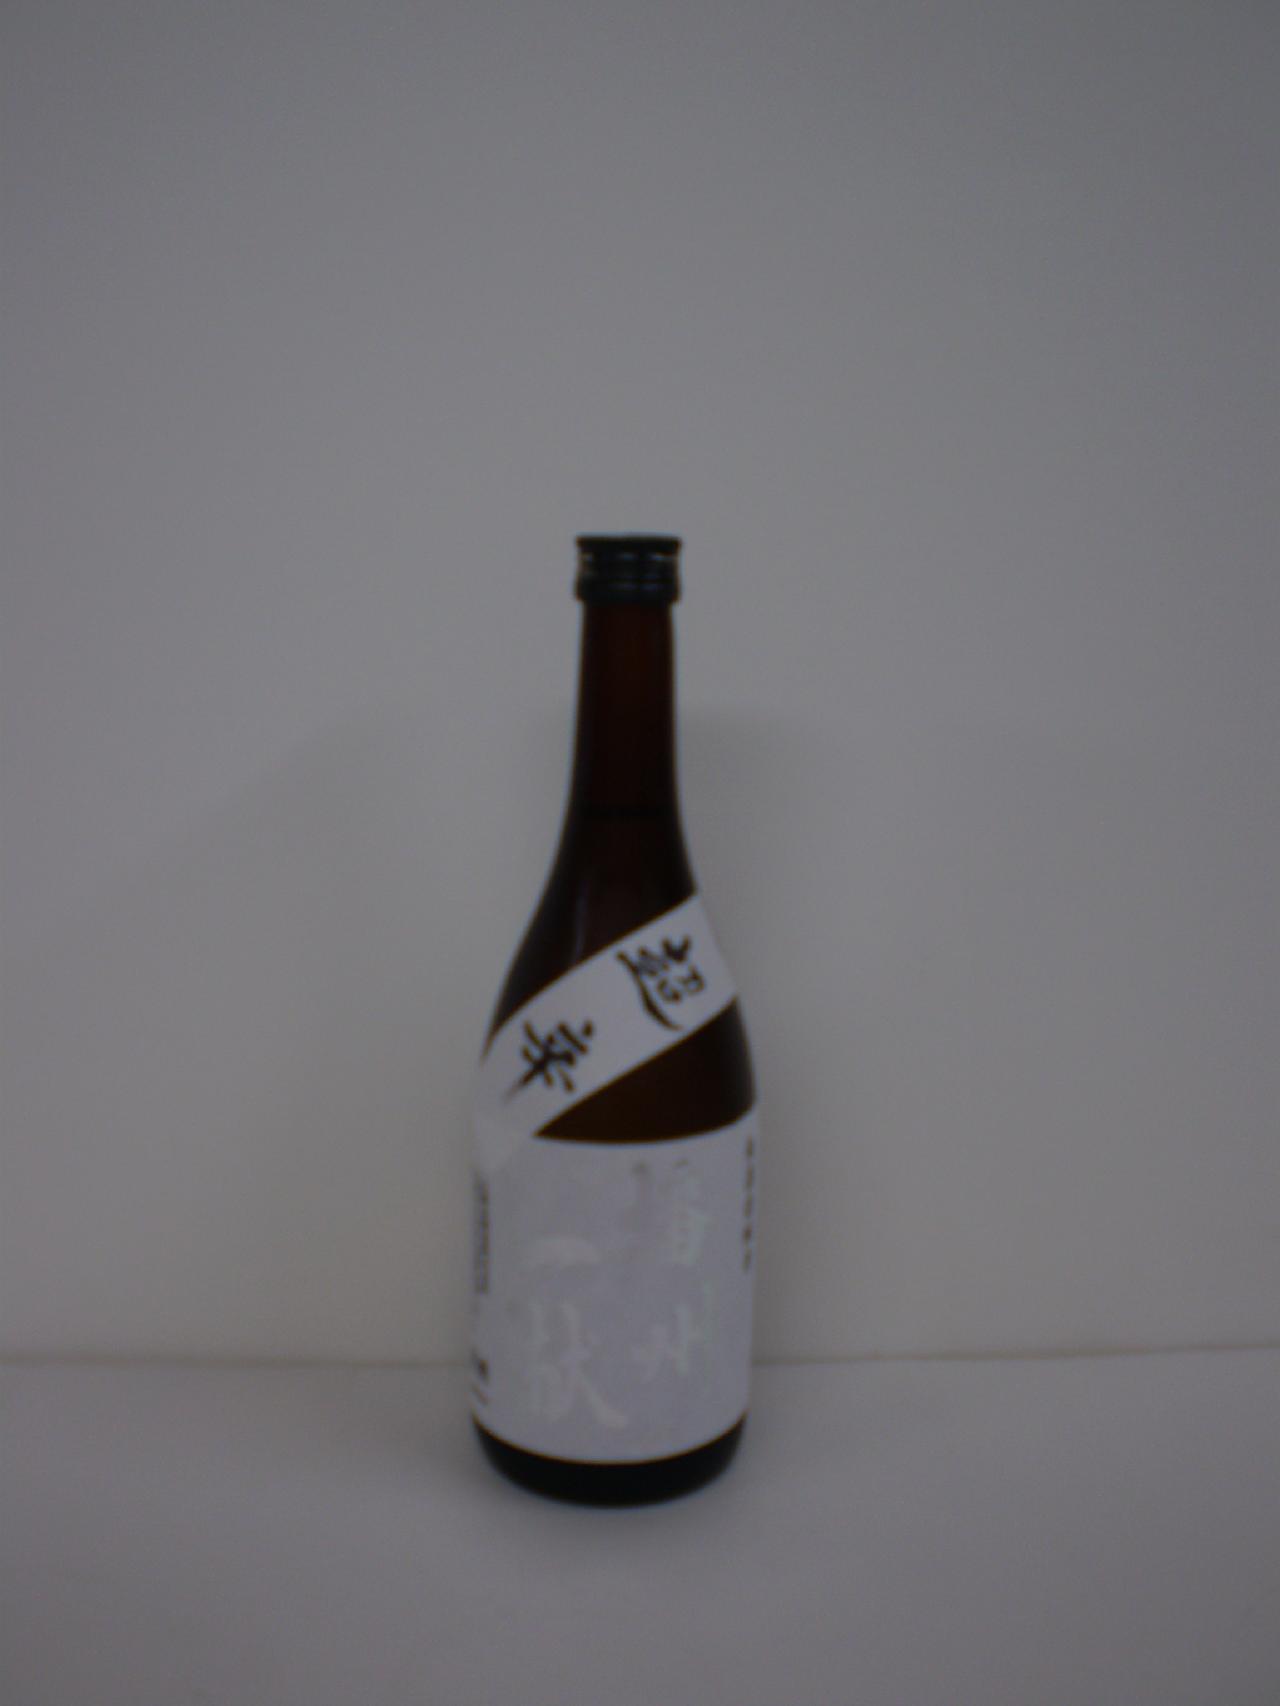 播州一献 純米 超辛口 720ml 山陽盃酒造